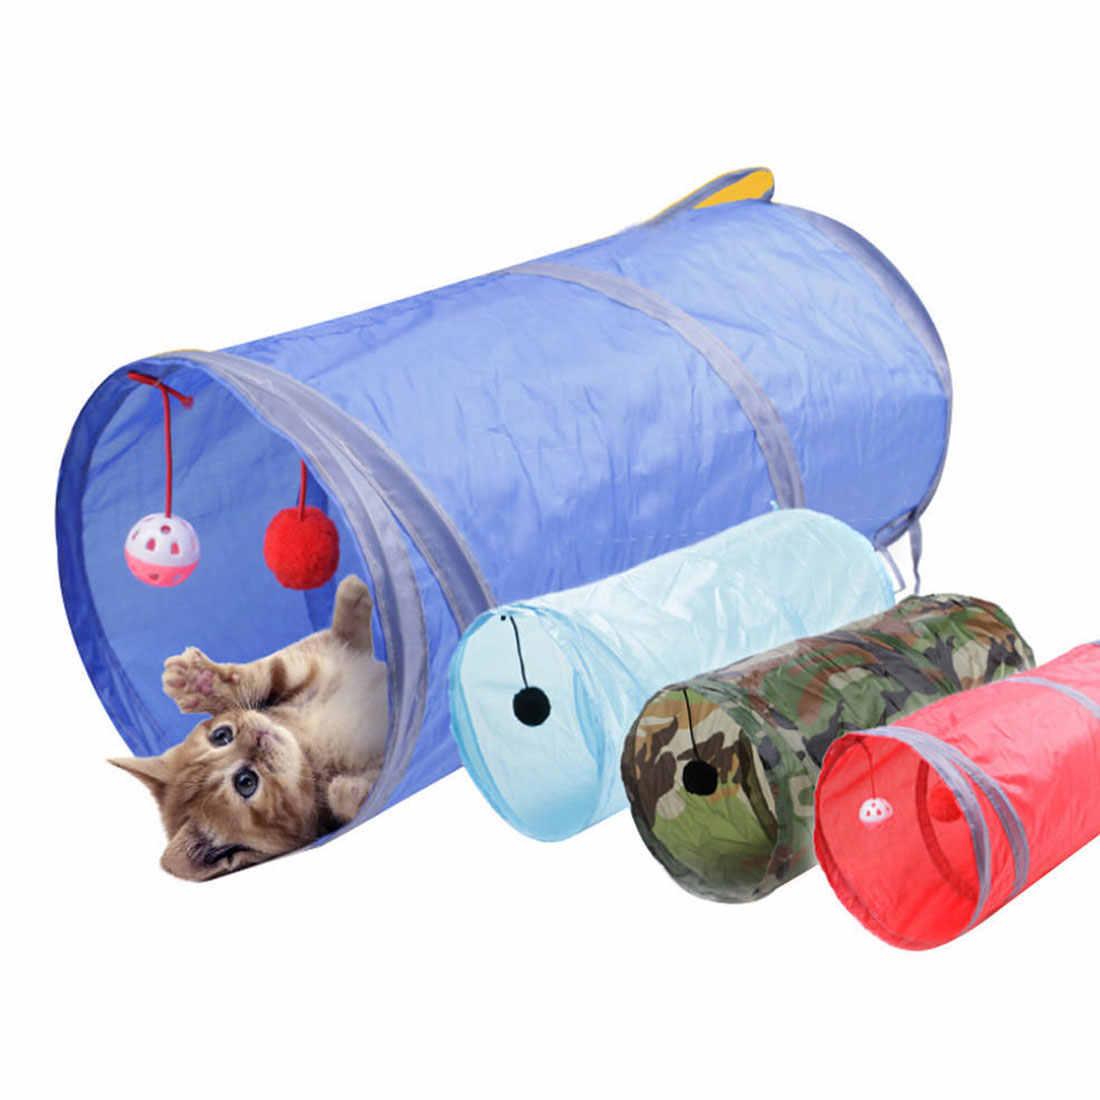 고양이 놀이 무지개 터널 갈색 foldable 2 구멍 고양이 터널 새끼 고양이 장난감 대량 장난감 토끼 터널 고양이 동굴 재미 있은 애완 동물 터널